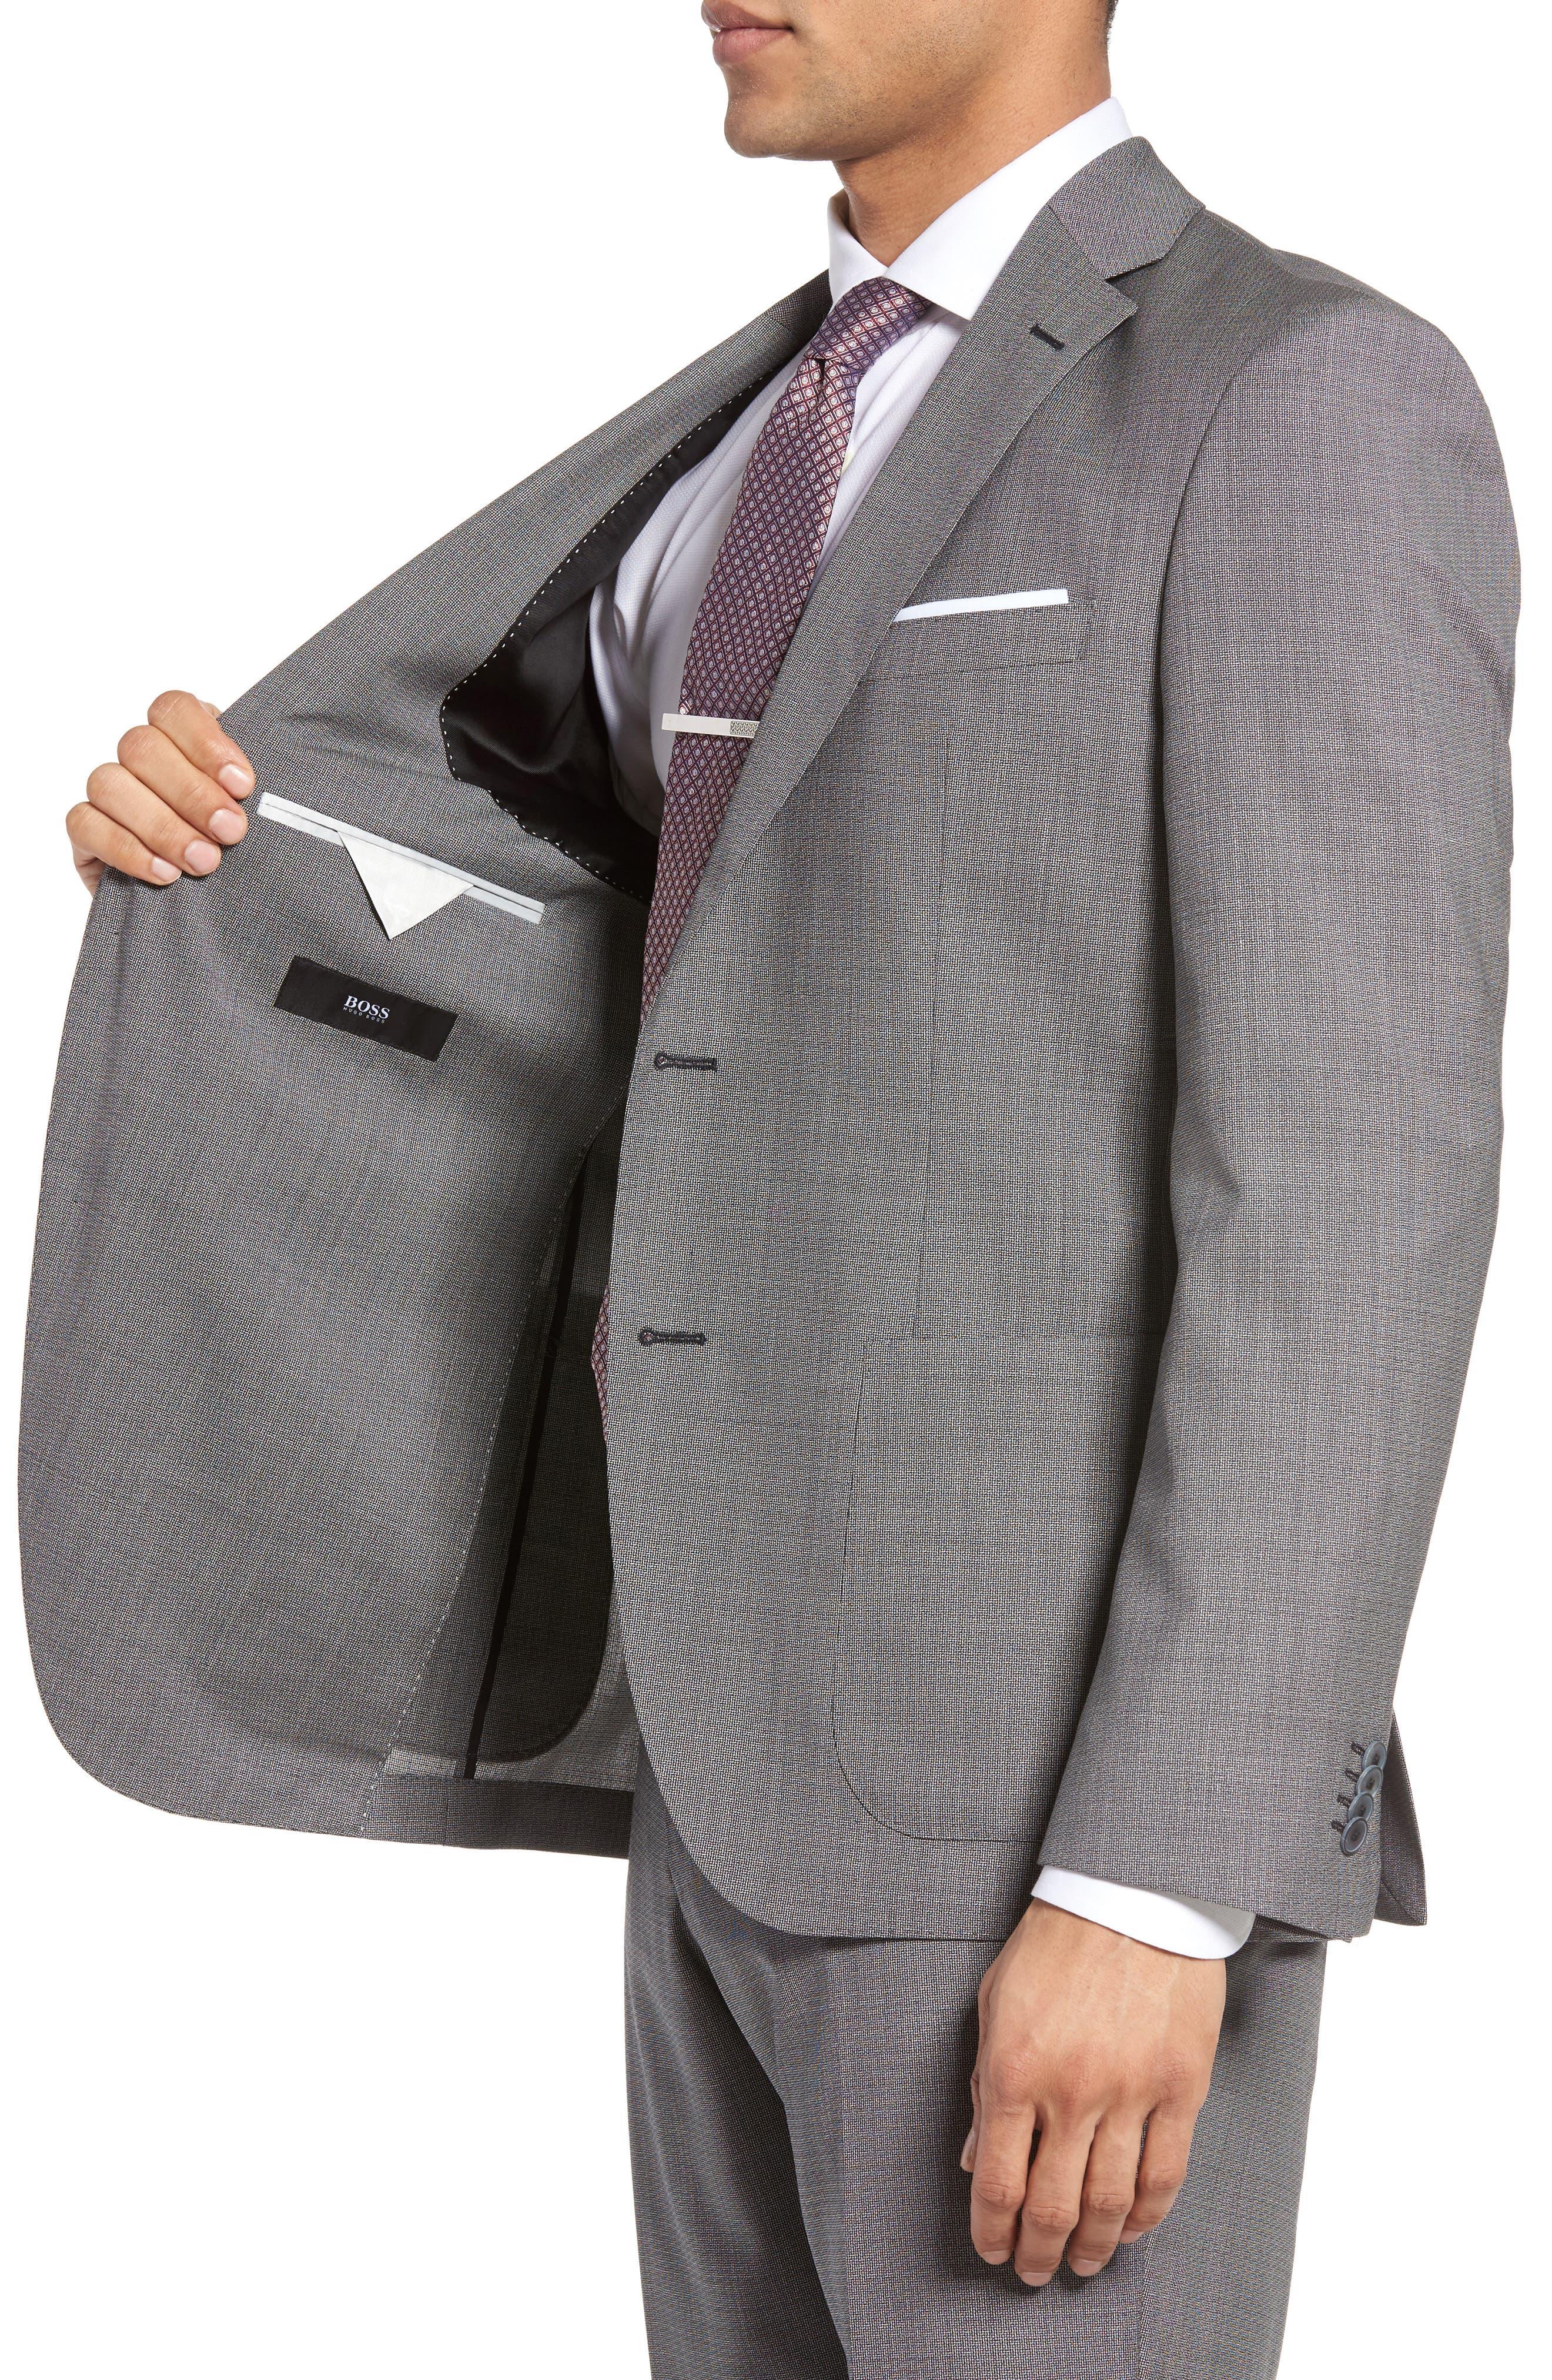 Janon/Lenon Trim Fit Solid Wool Suit,                             Alternate thumbnail 4, color,                             020